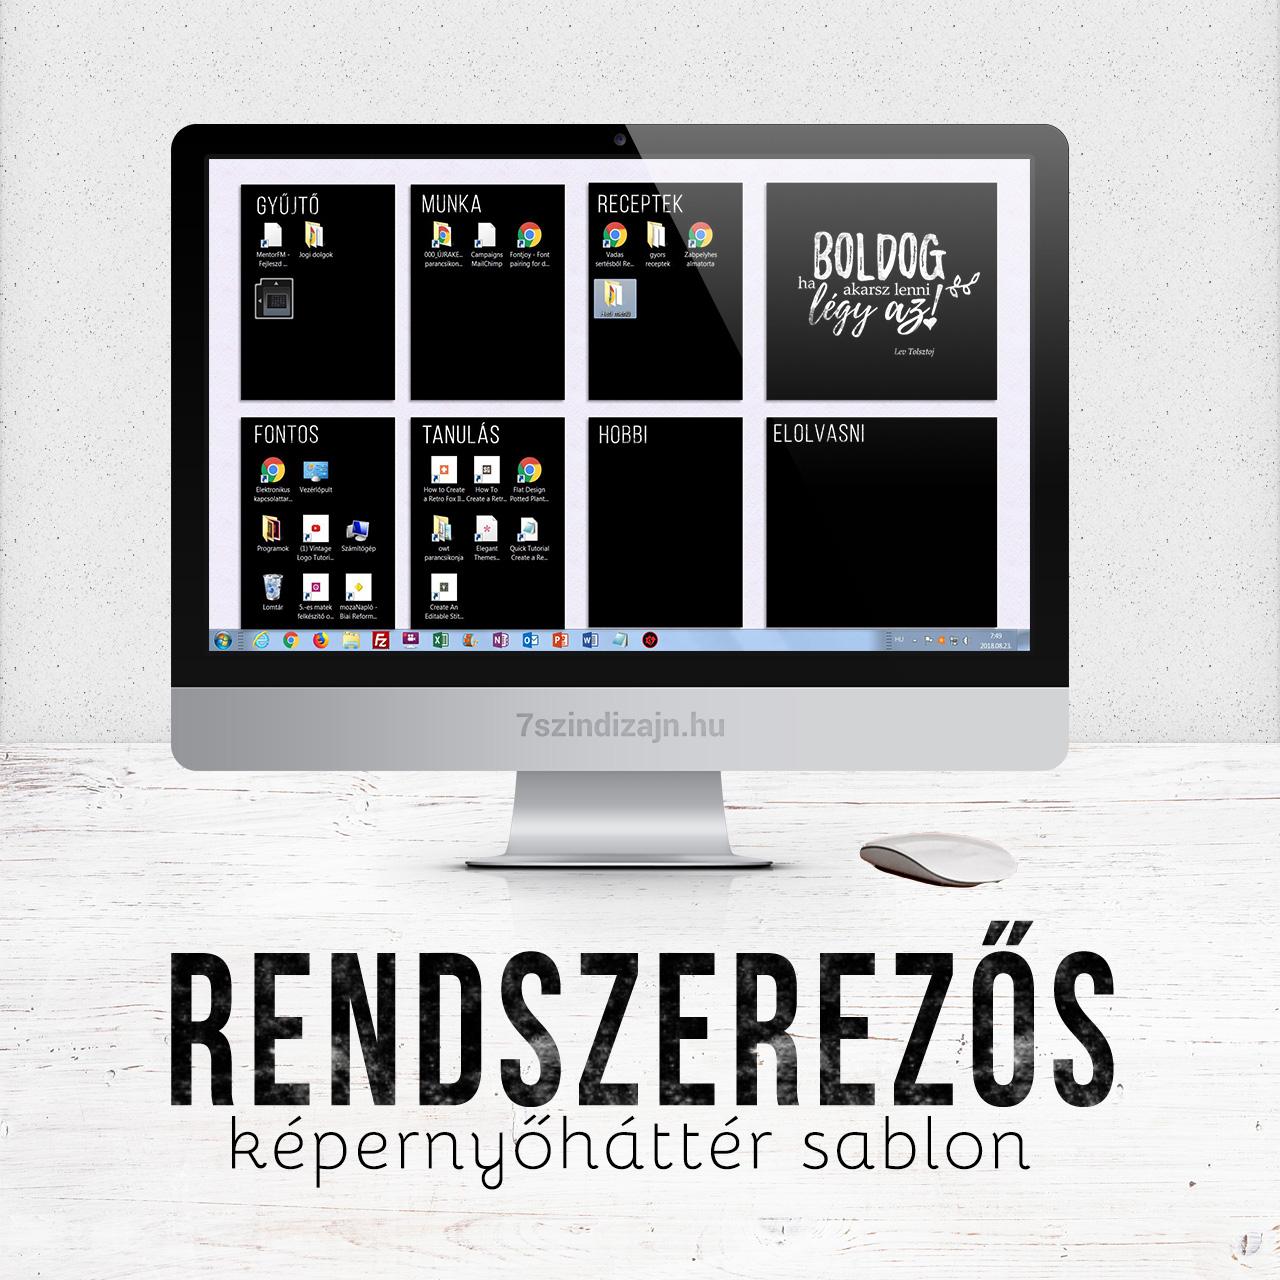 Rendszerezős képernyőháttér sablon – freebie